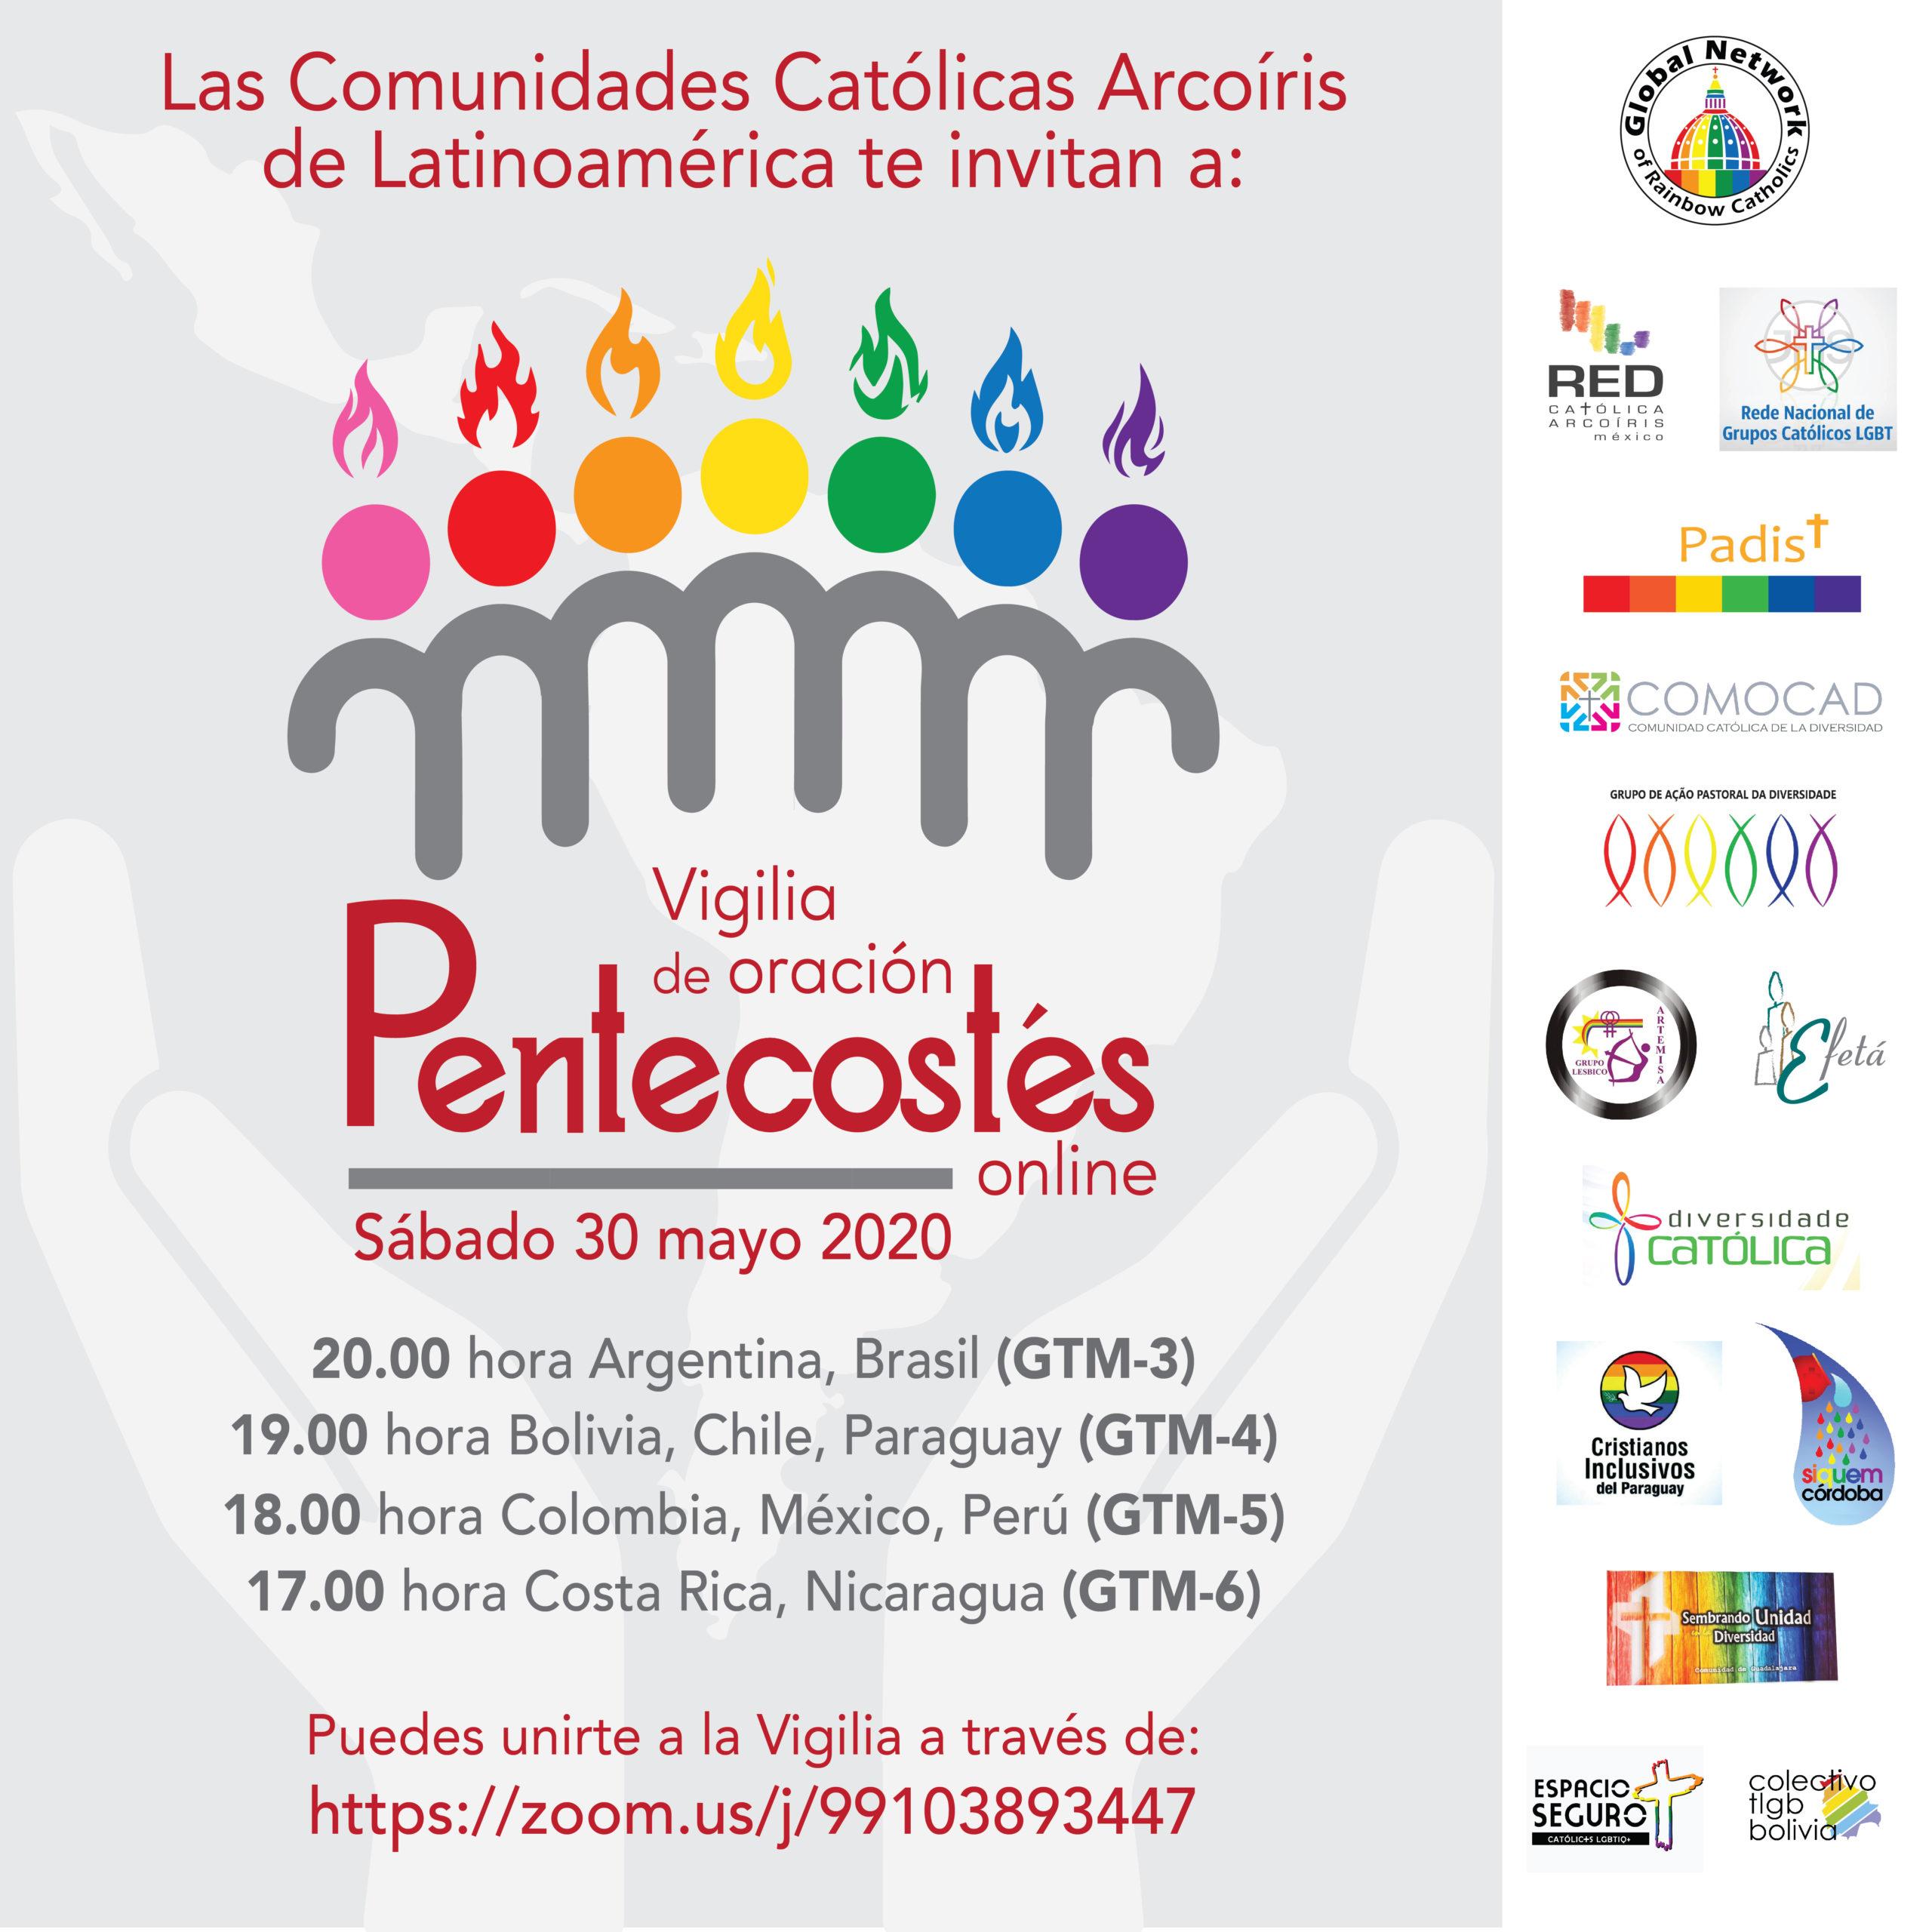 """Los Católicos LGBT+ de Latino América se reúnen para recordar que """"Cuando llegó el di de Pentecostés, estaban todos reunidos en el mismo lugar"""" (Hechos 2:1)"""